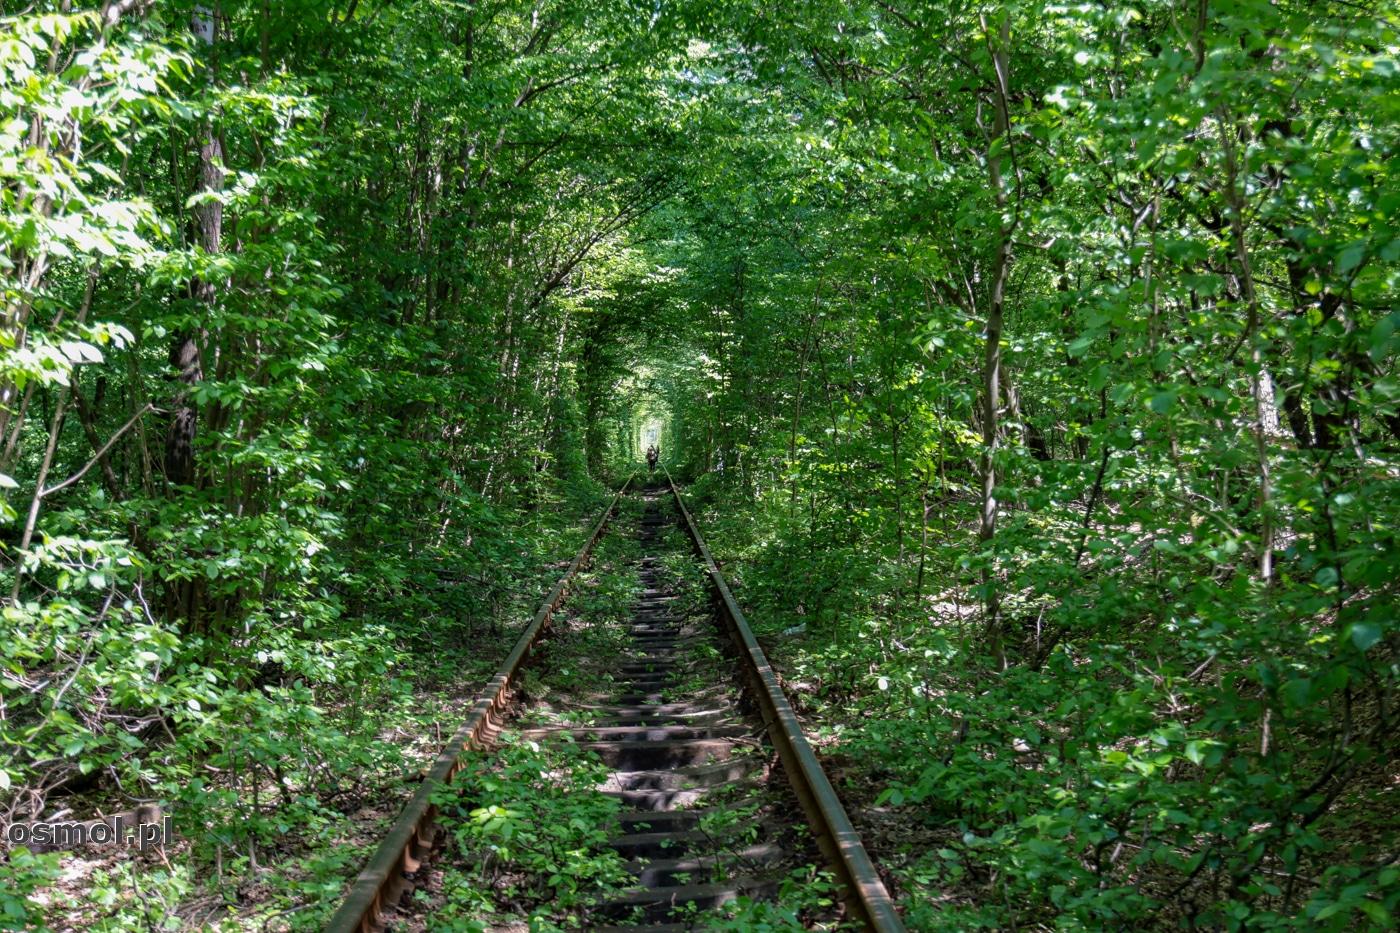 Tunel Miłości w Klewaniu na Ukrainie. Zwany też przez miejscowych Tunelem Kochania powstał dość przypadkowo. Pociąg jeżdżący do pobliskiej cukrowni sprawił, że drzewa utworzyły naturalny korytarz.